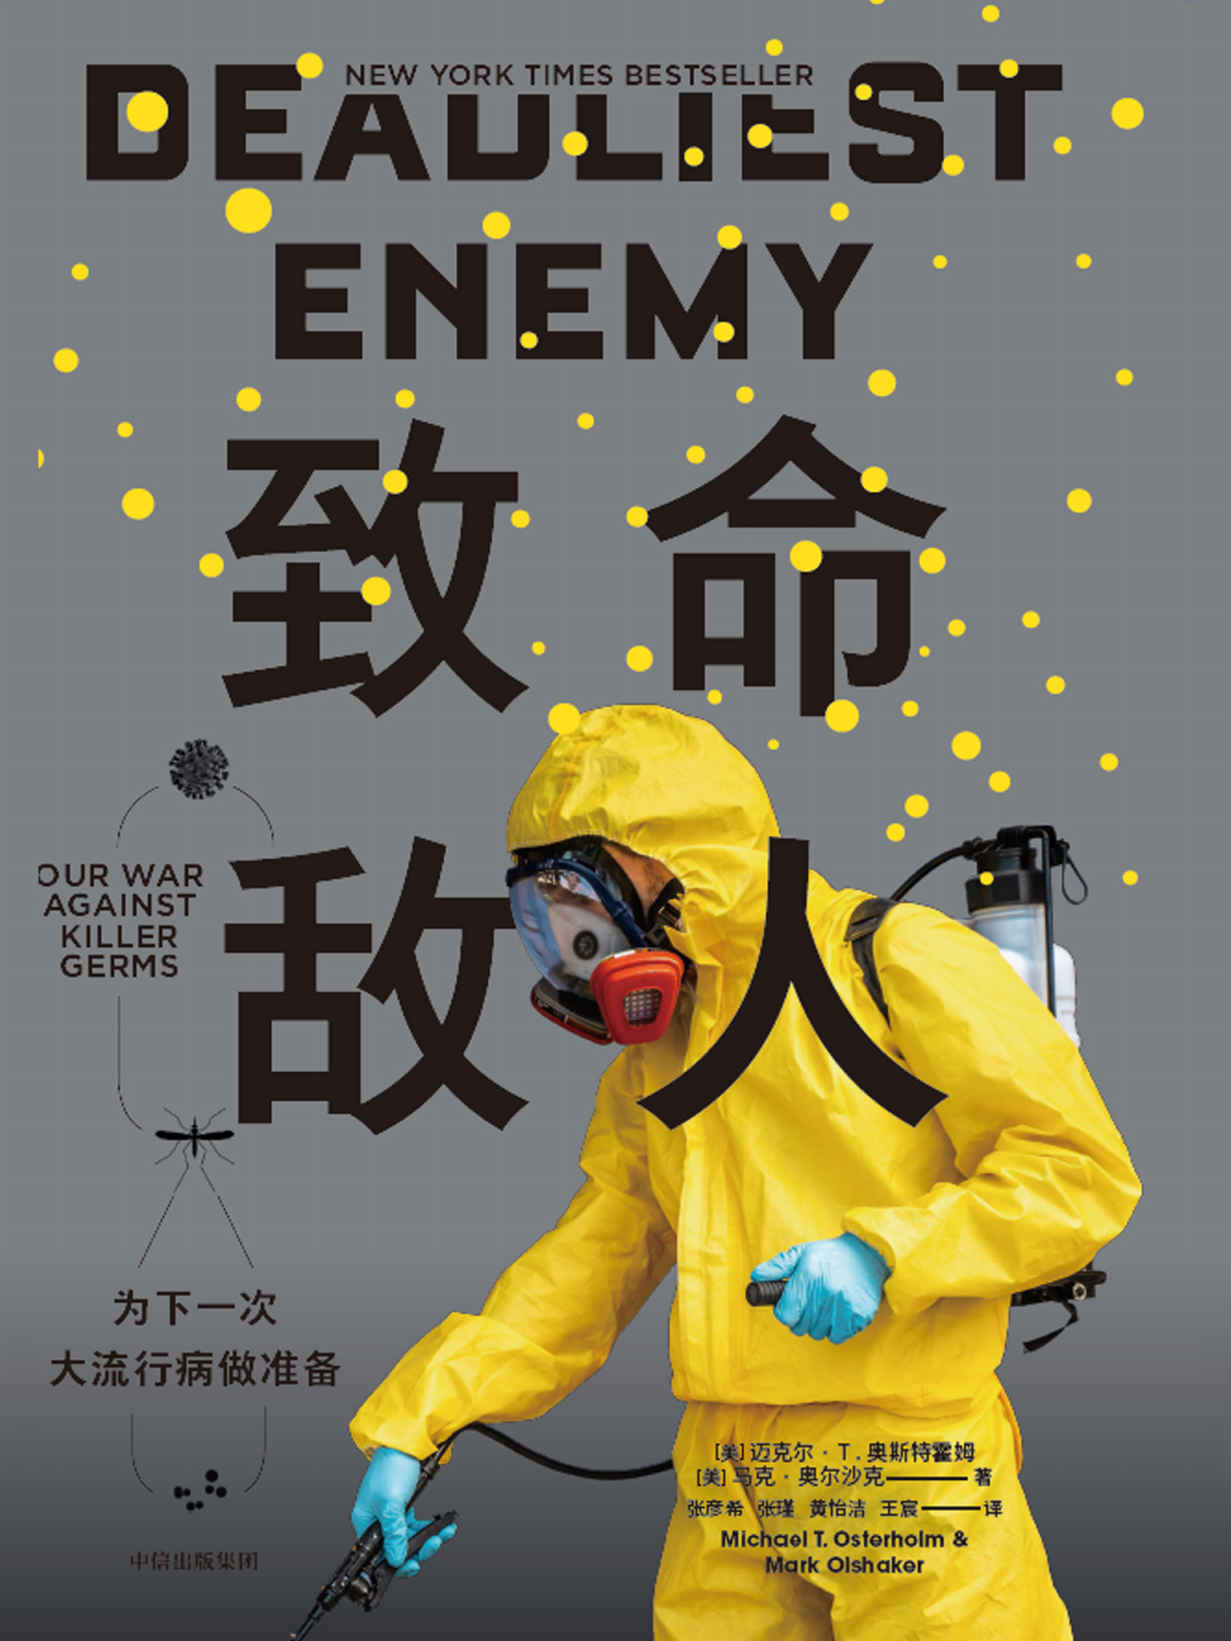 致命敌人:为下一次大流行病做准备(拜登新冠疫情特别顾问力作,扫描全球流行病学与公共卫生政策的全貌,回归21世纪的现实防疫环境。此书3年前曾预警全球大流行病来袭)—迈克尔·T·奥斯特霍姆 & 马克·奥尔沙克—pdf+mobi+epub+txt+azw3电子书下载